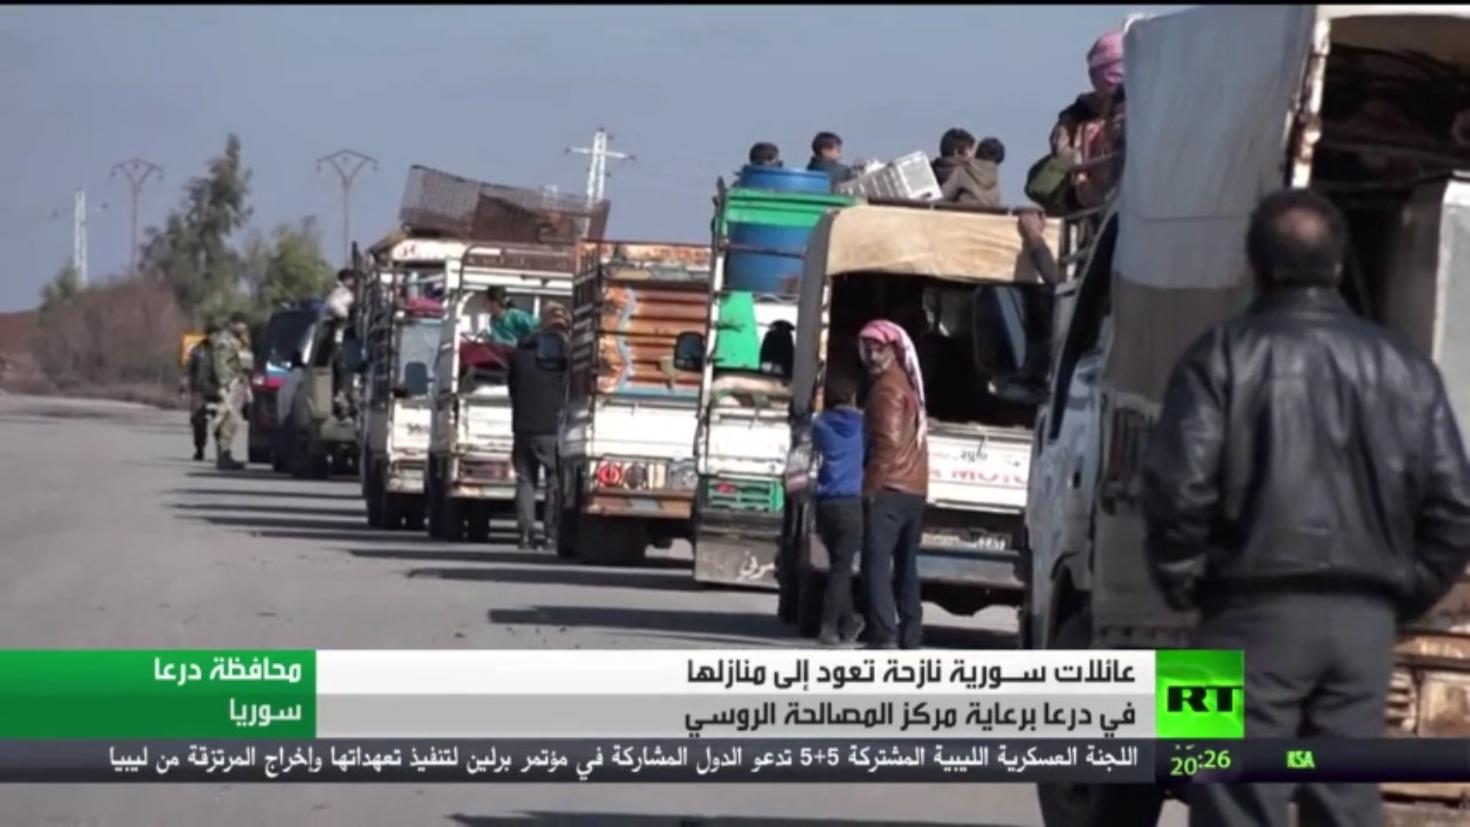 النازحون السوريون.. تجربة العودة